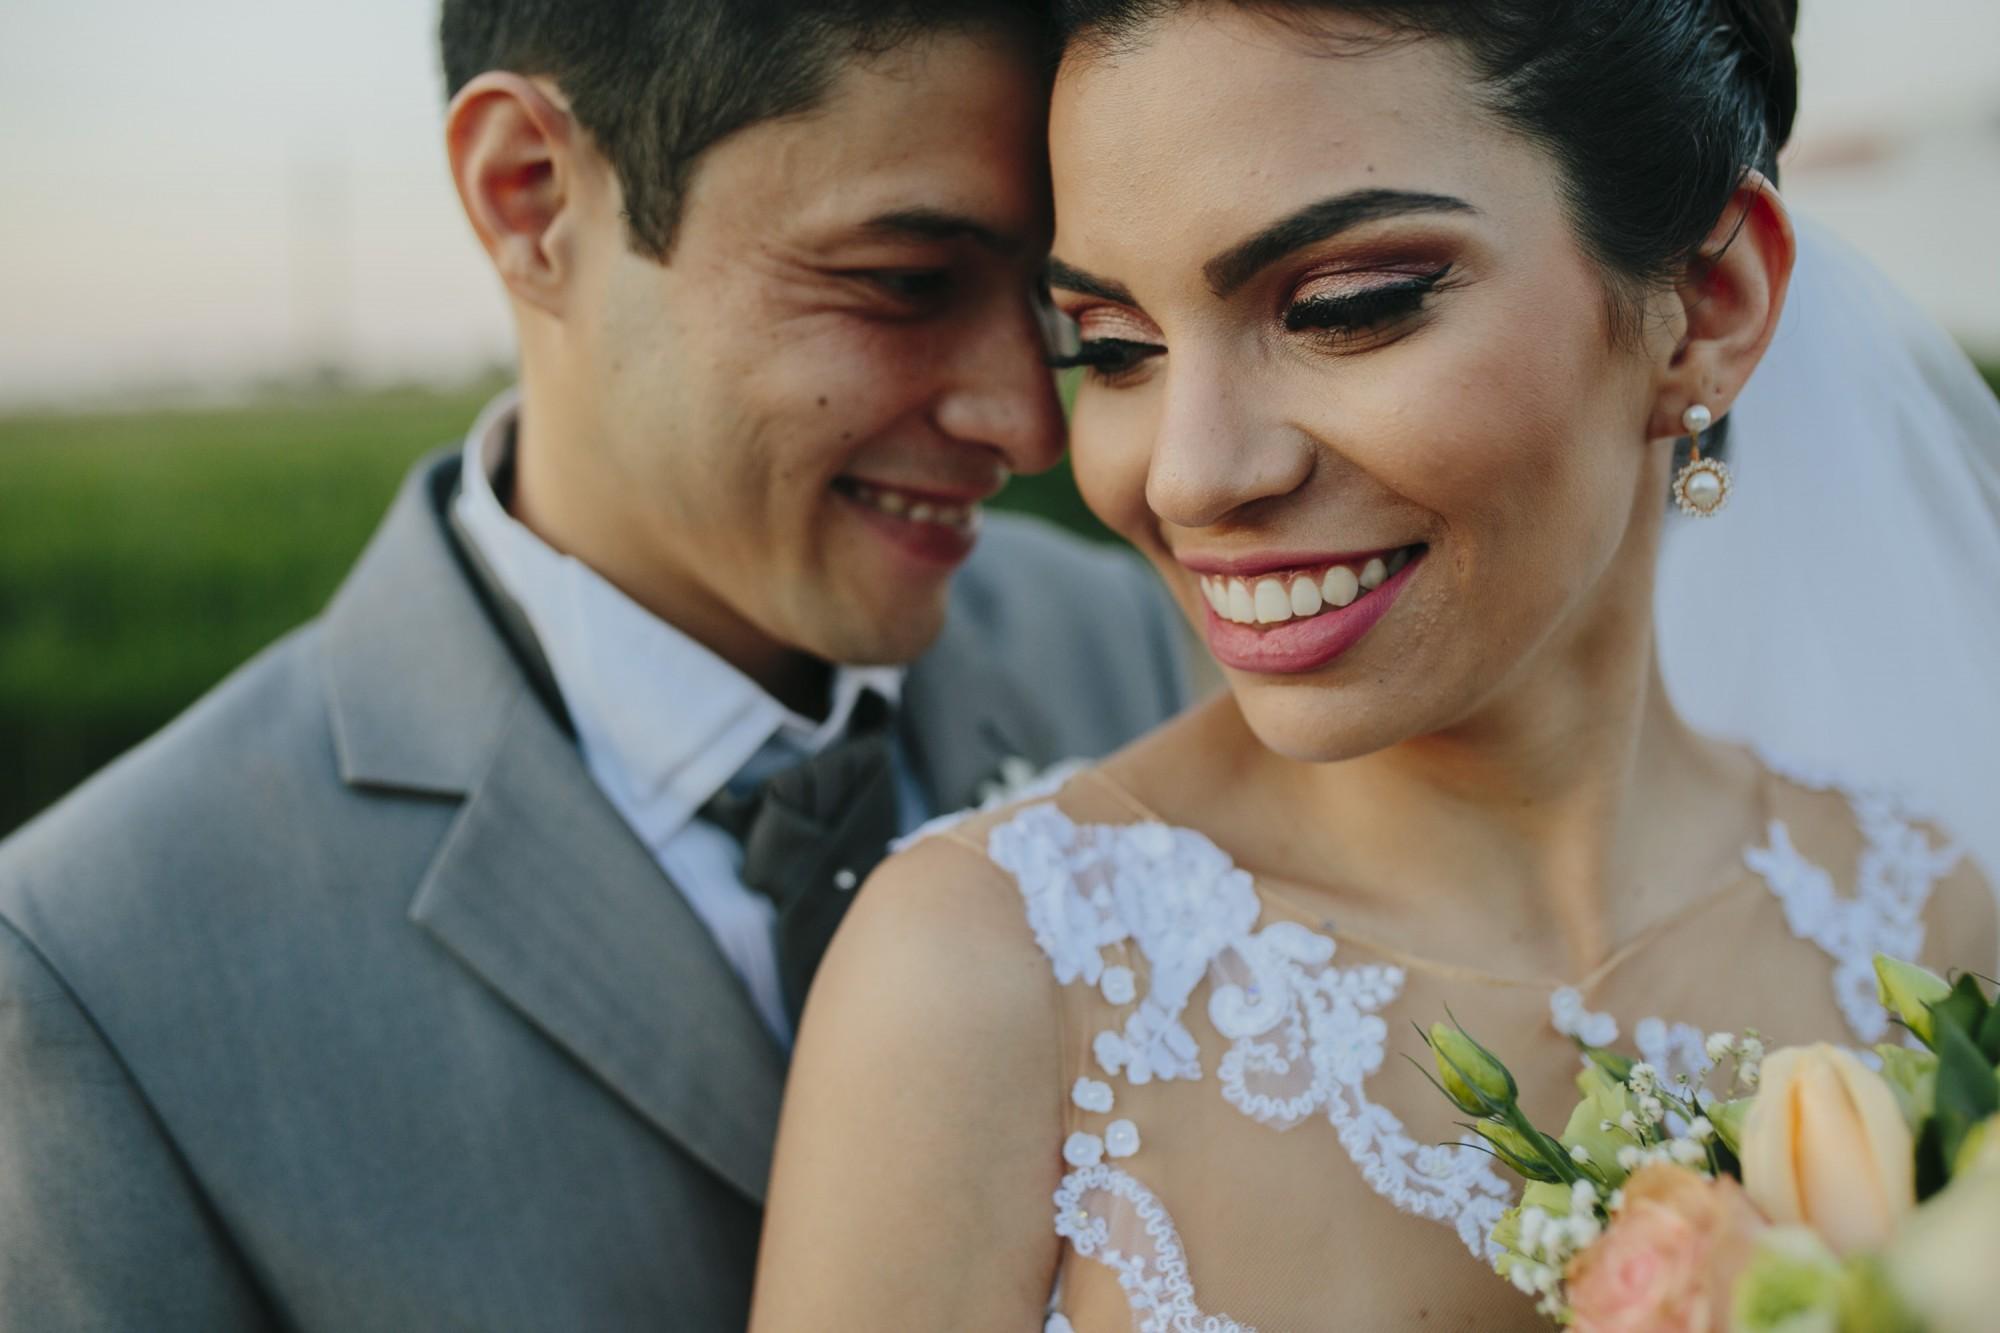 Casamento Camila Rampim e Rafael em Terra Roxa - Paraná - por Lorran Souza e Léia Sotile - fotografos de casamentos - 43